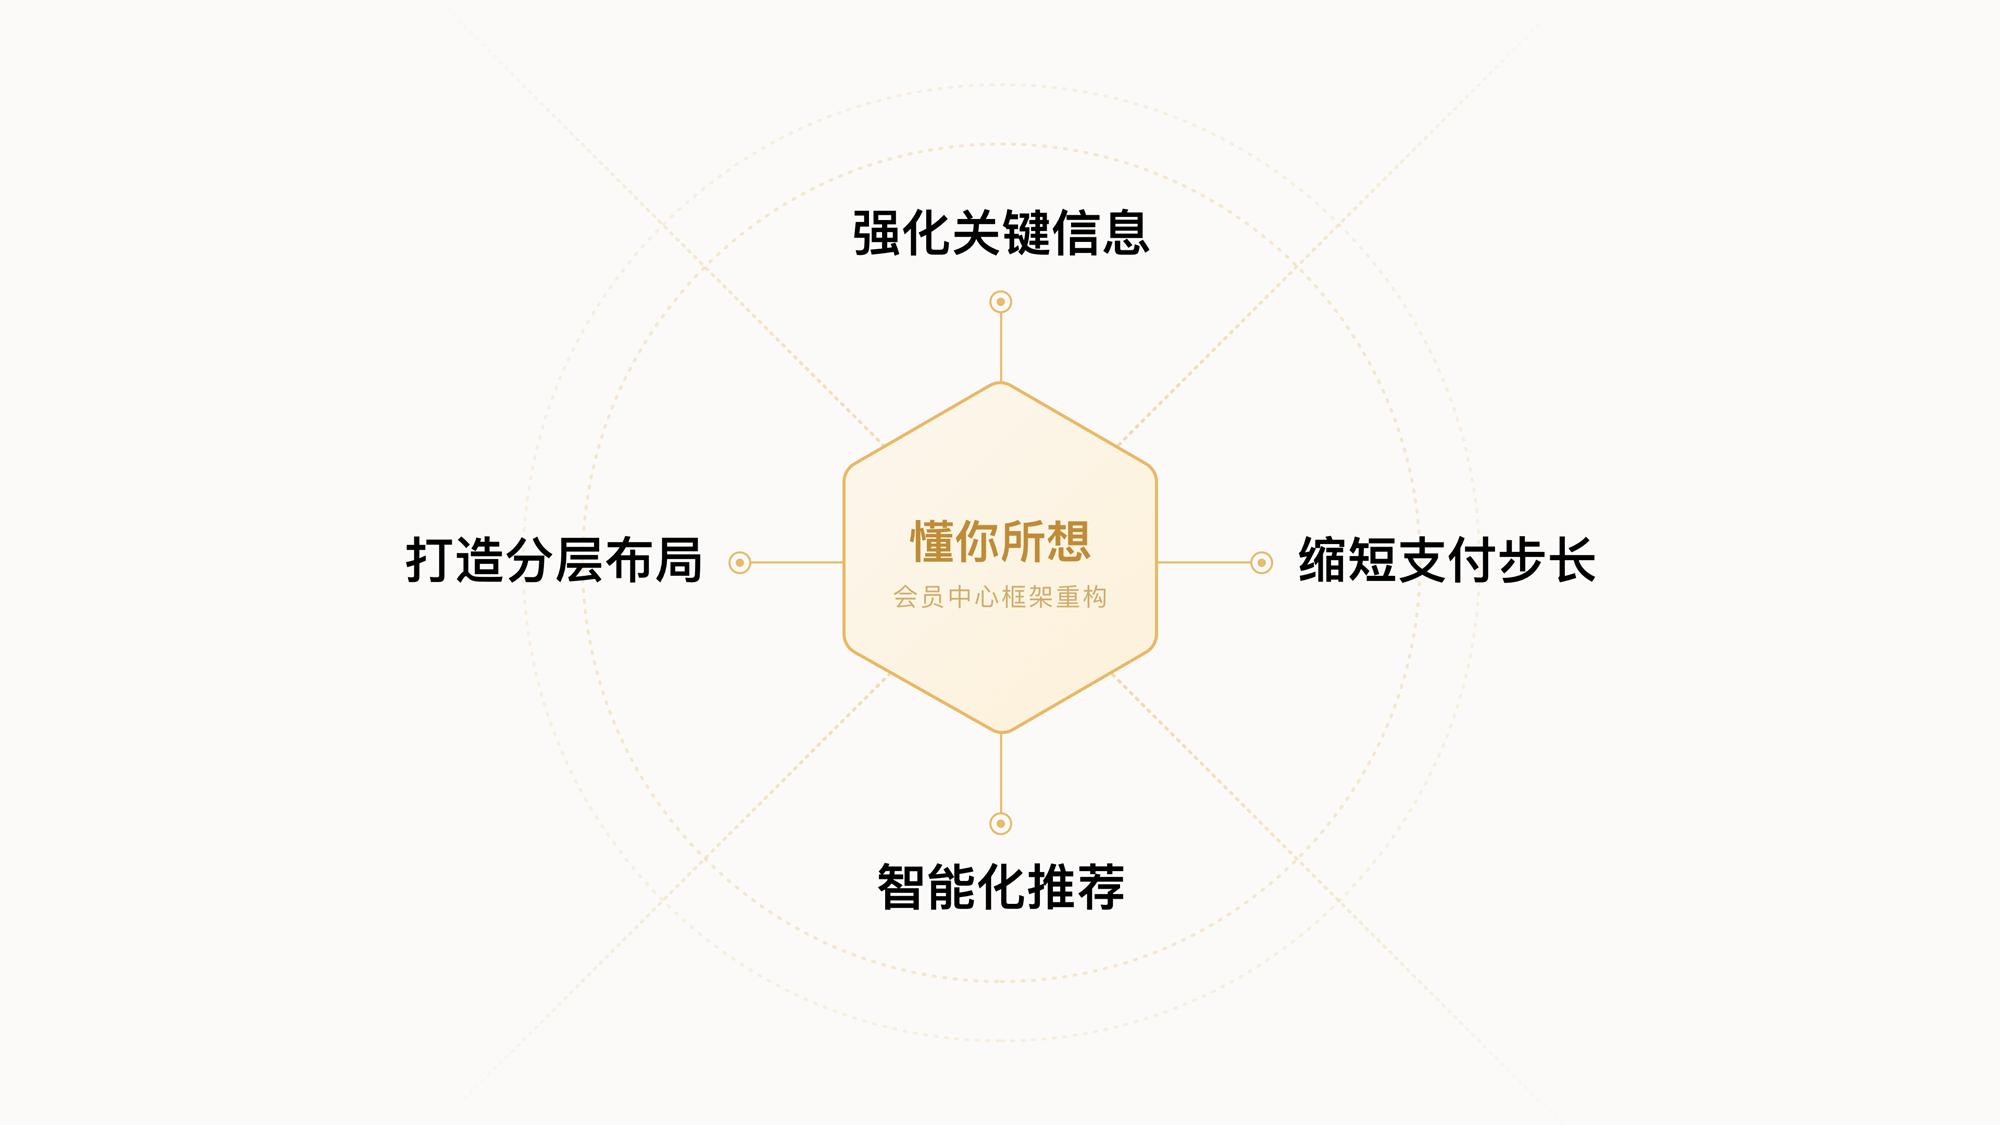 百度网盘会员中心-体验设计升级